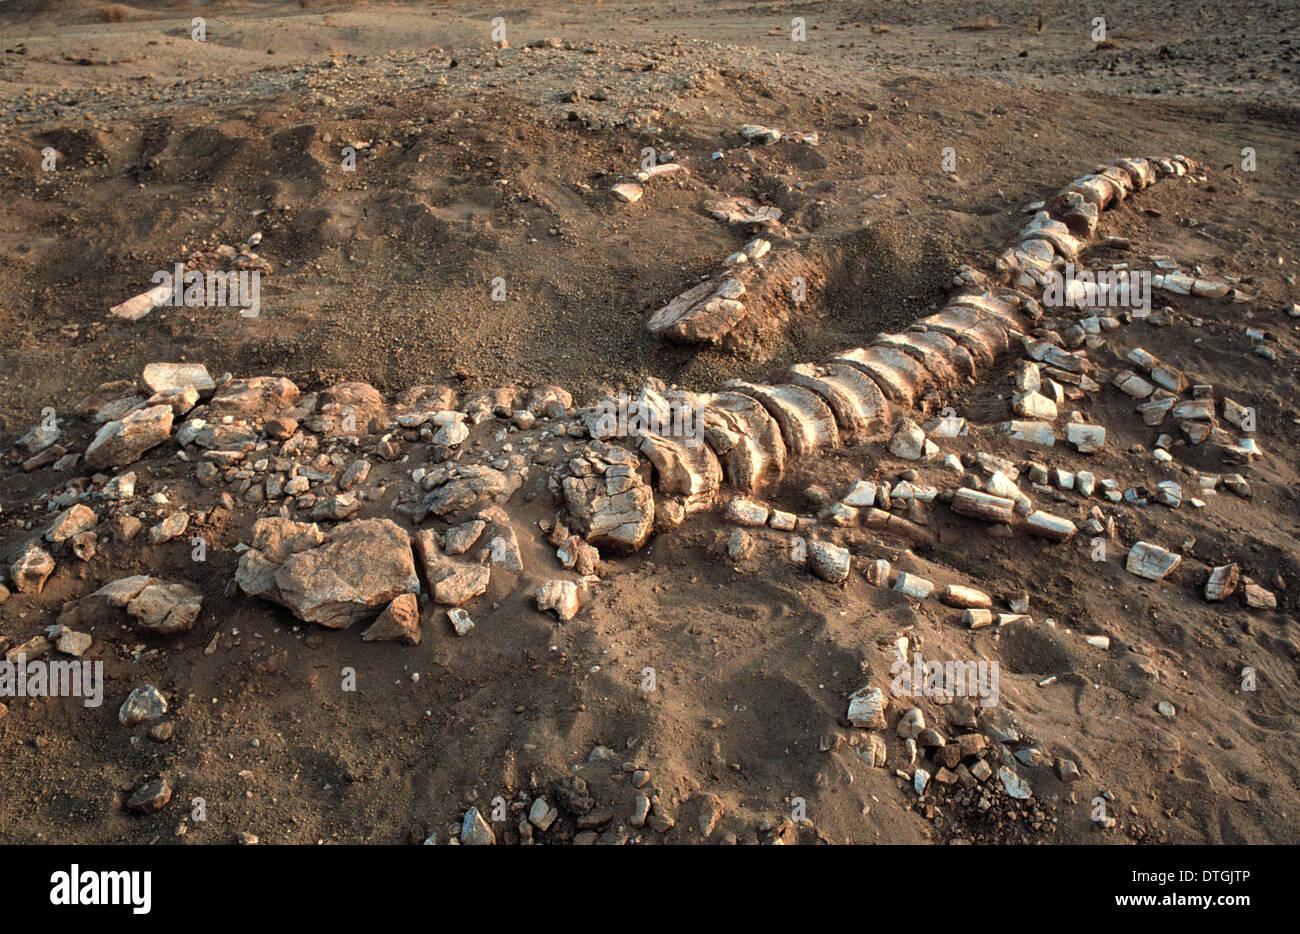 Dinosaur tail bones - Stock Image